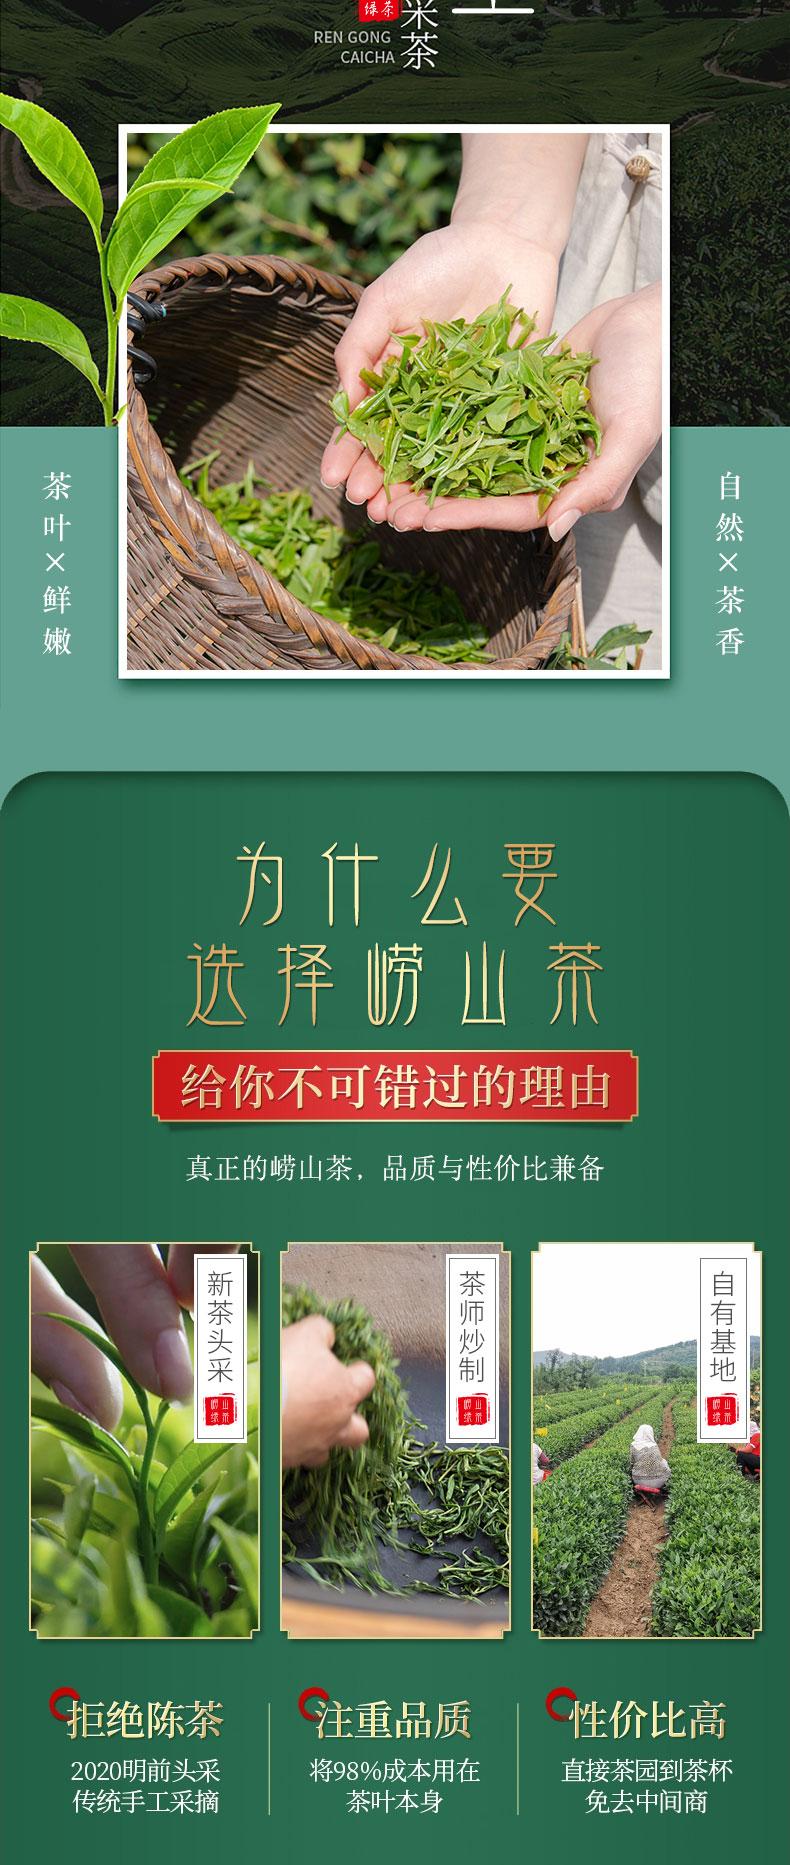 江北第一名茶,绿茶核心产区:250gx2罐 青岛崂山 雨前一级云雾绿茶 69元包邮 买手党-买手聚集的地方